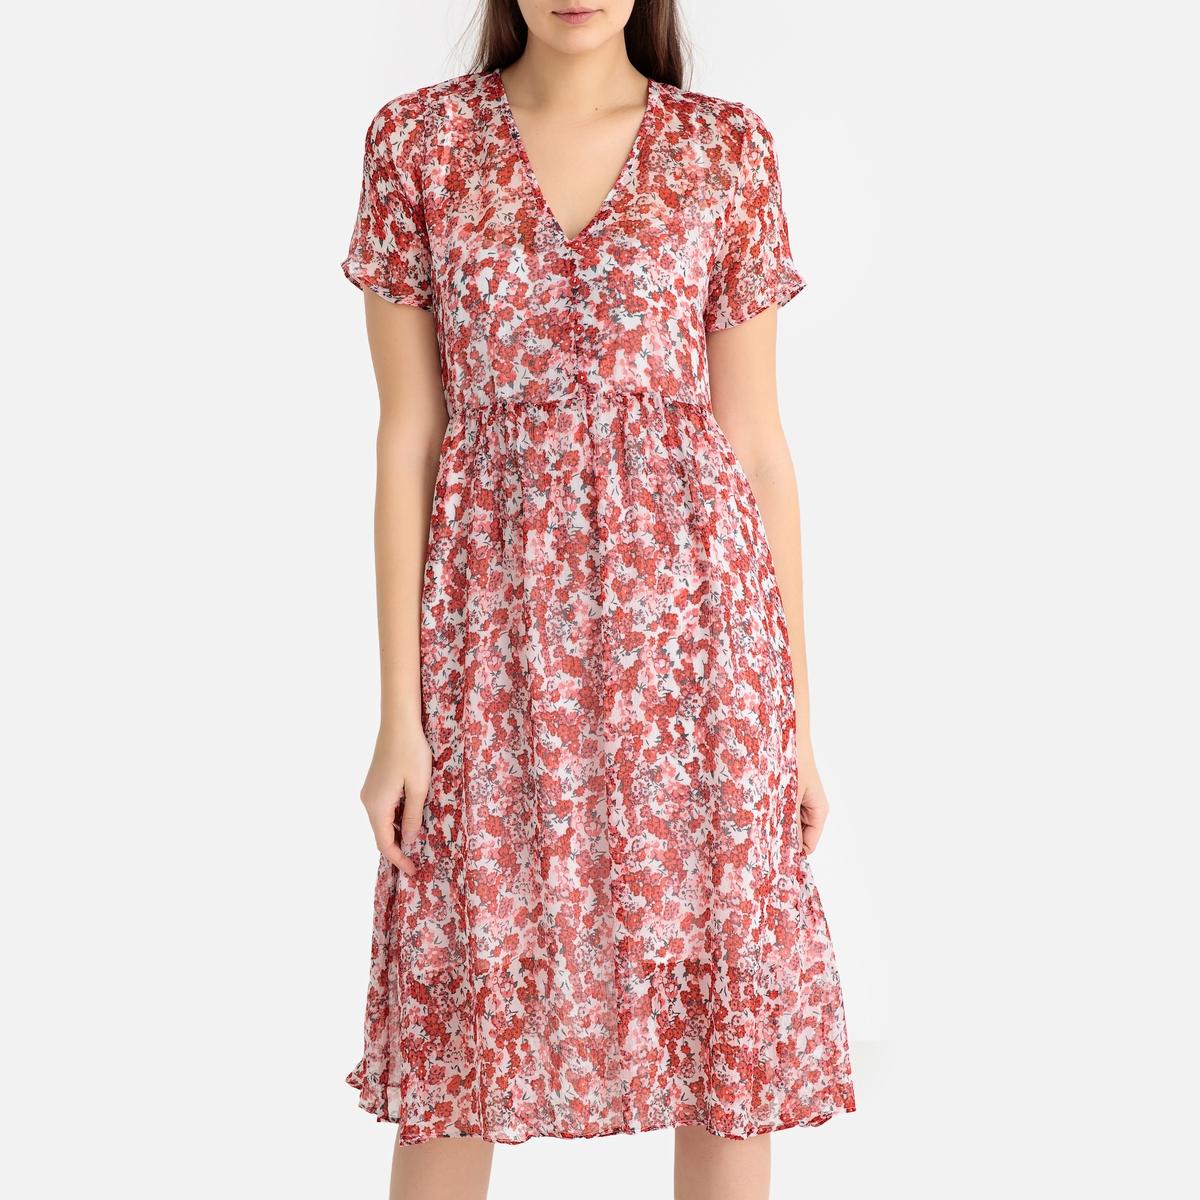 цена Платье La Redoute С цветочным рисунком и короткими рукавами XS красный онлайн в 2017 году